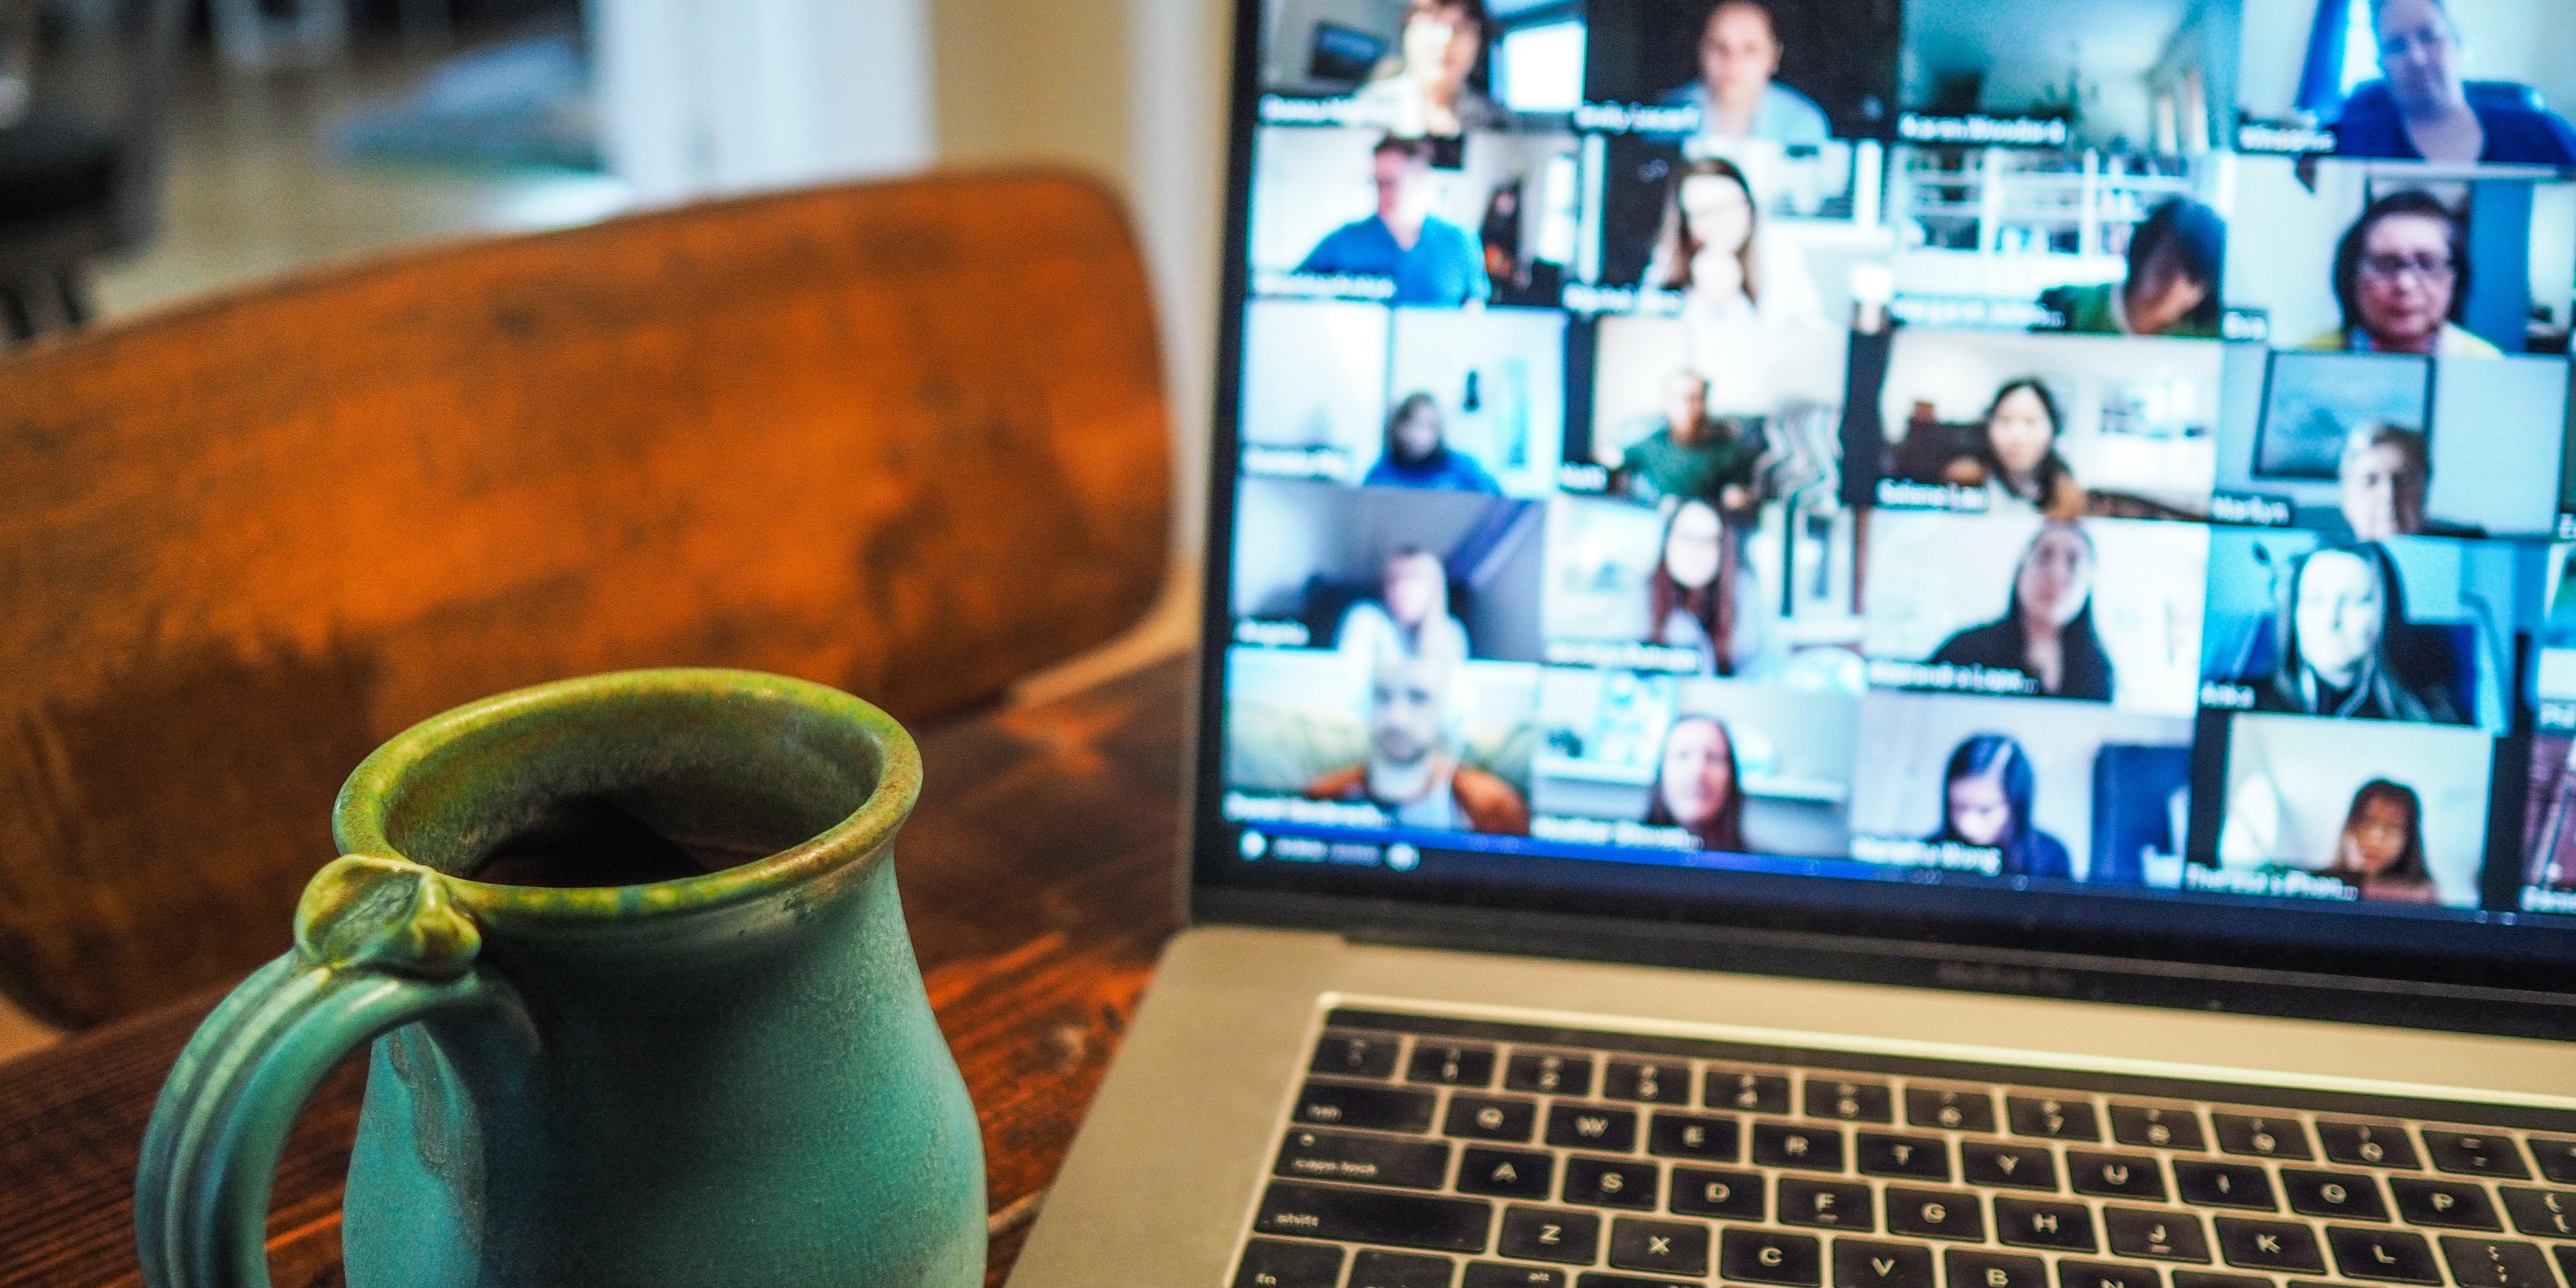 Tasse vor einem Laptop mit einem Online-Meeting am Screen